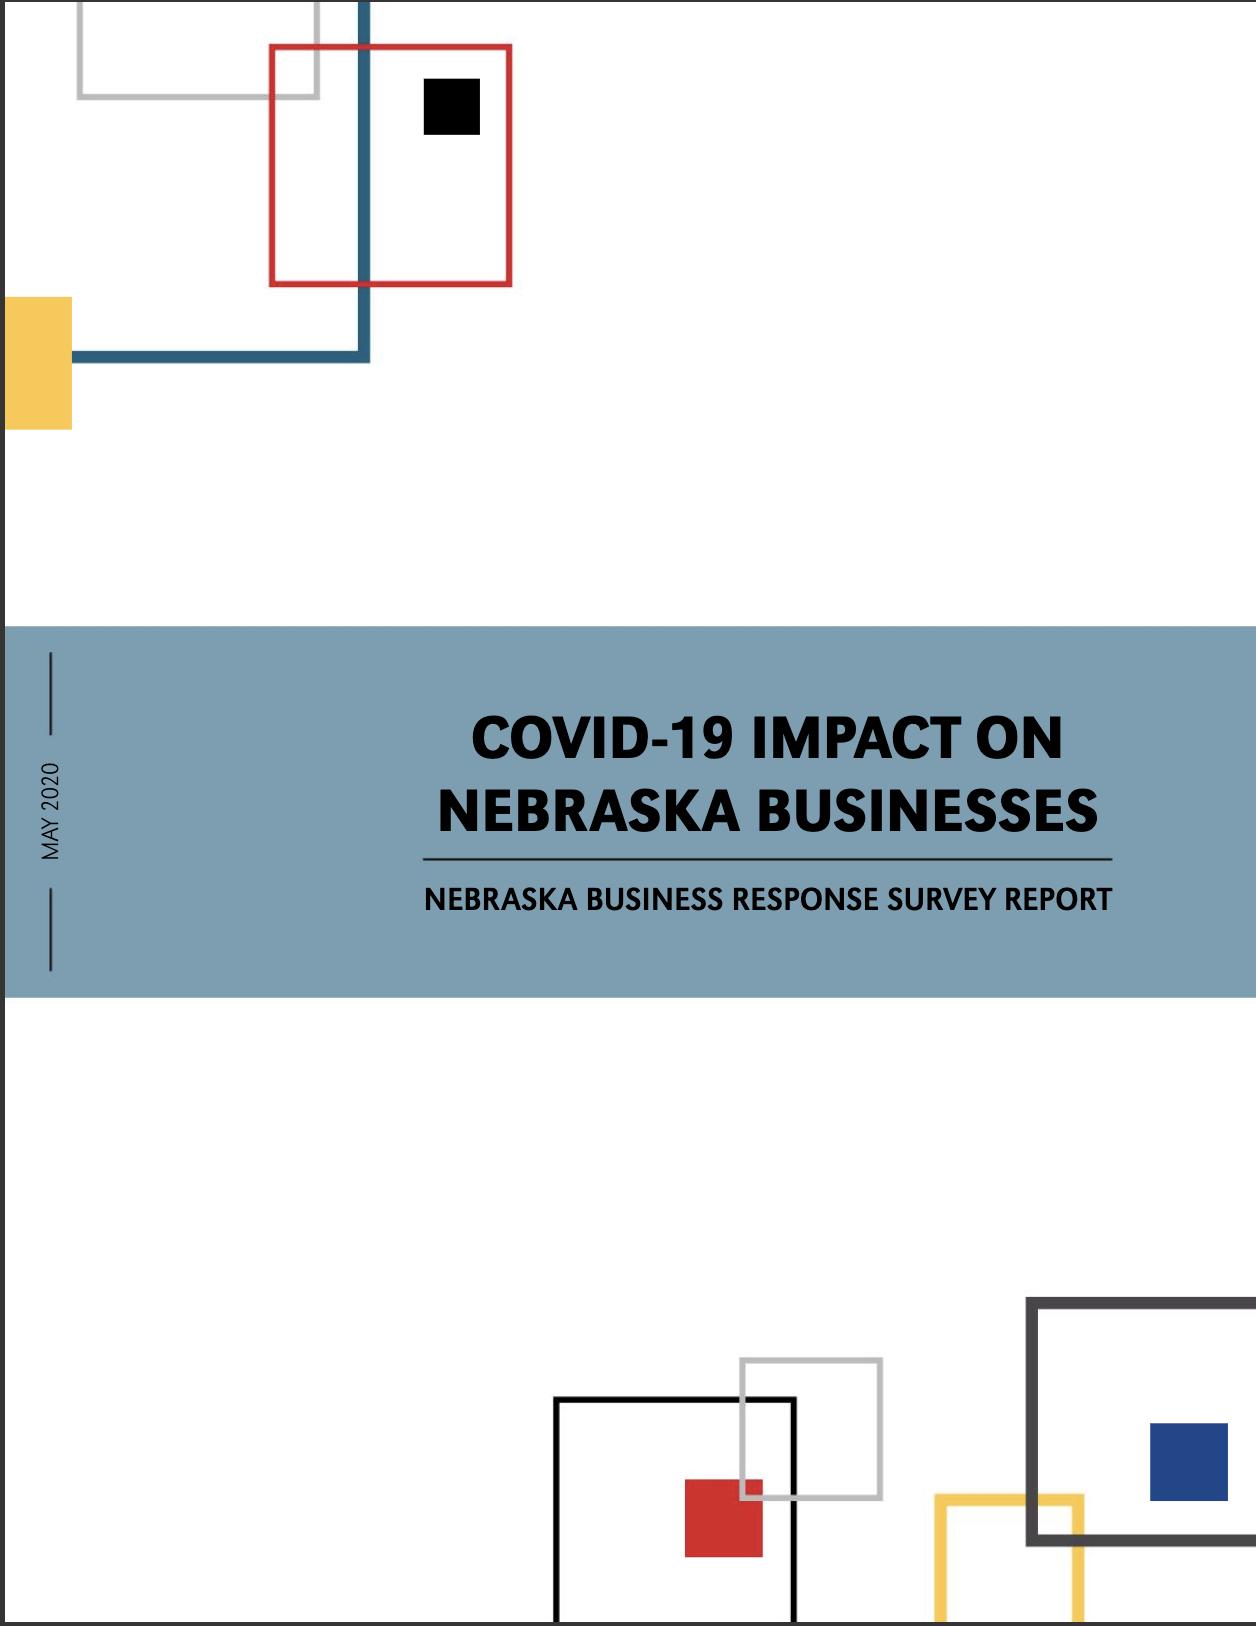 COVID-19 Impact on Nebraska Businesses